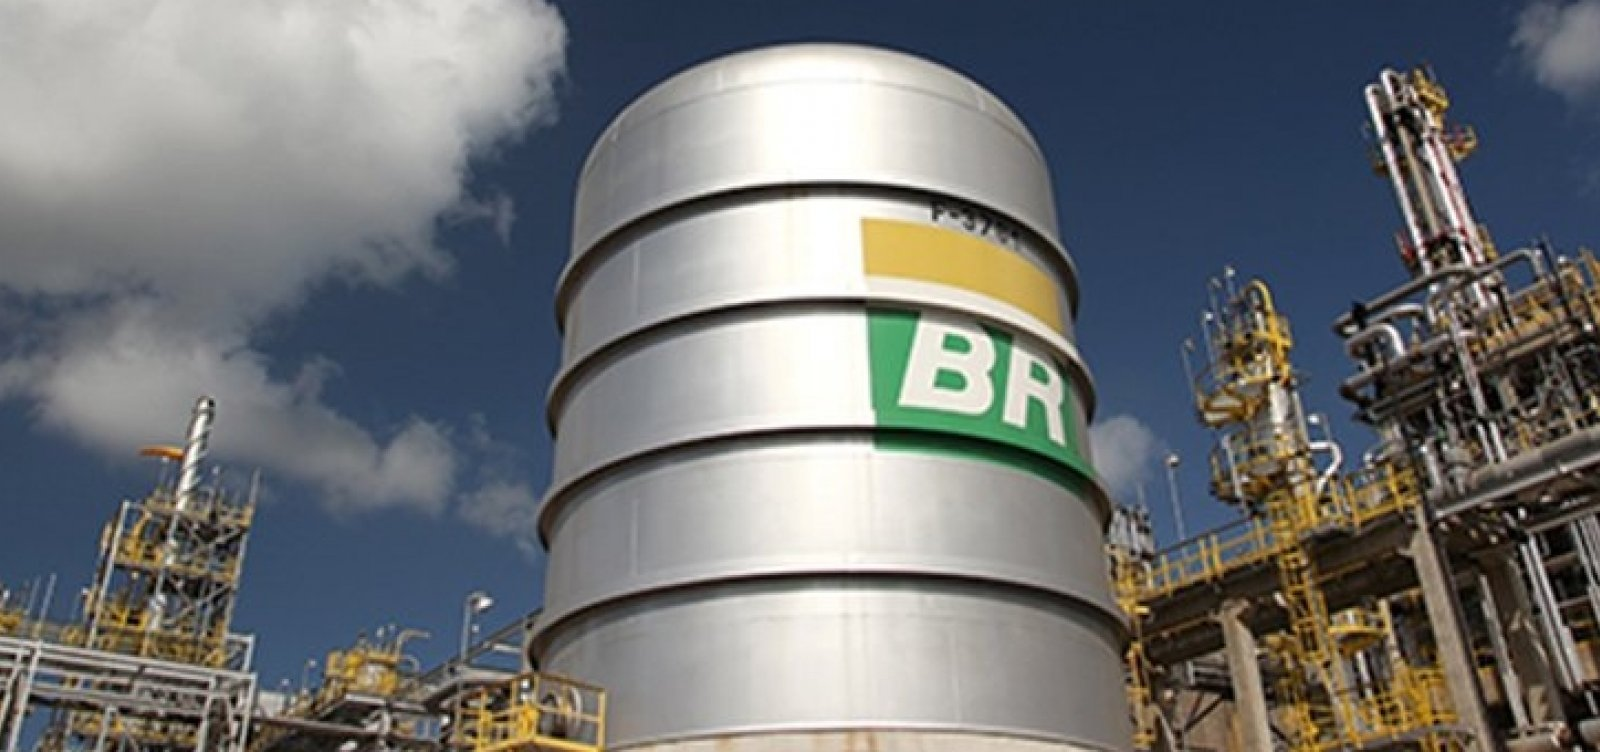 Após rumores de desabastecimento, Petrobras confirma que não atenderá demanda em novembro